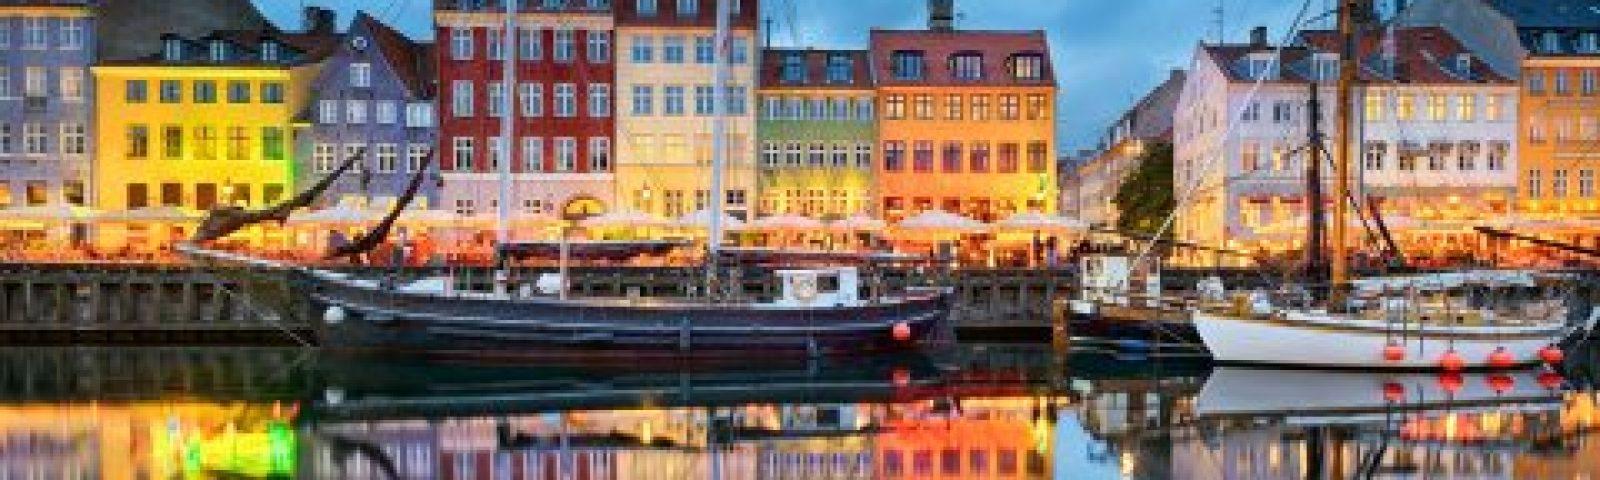 Авиабилеты в Копенгаген: ищем удобные рейсы из России